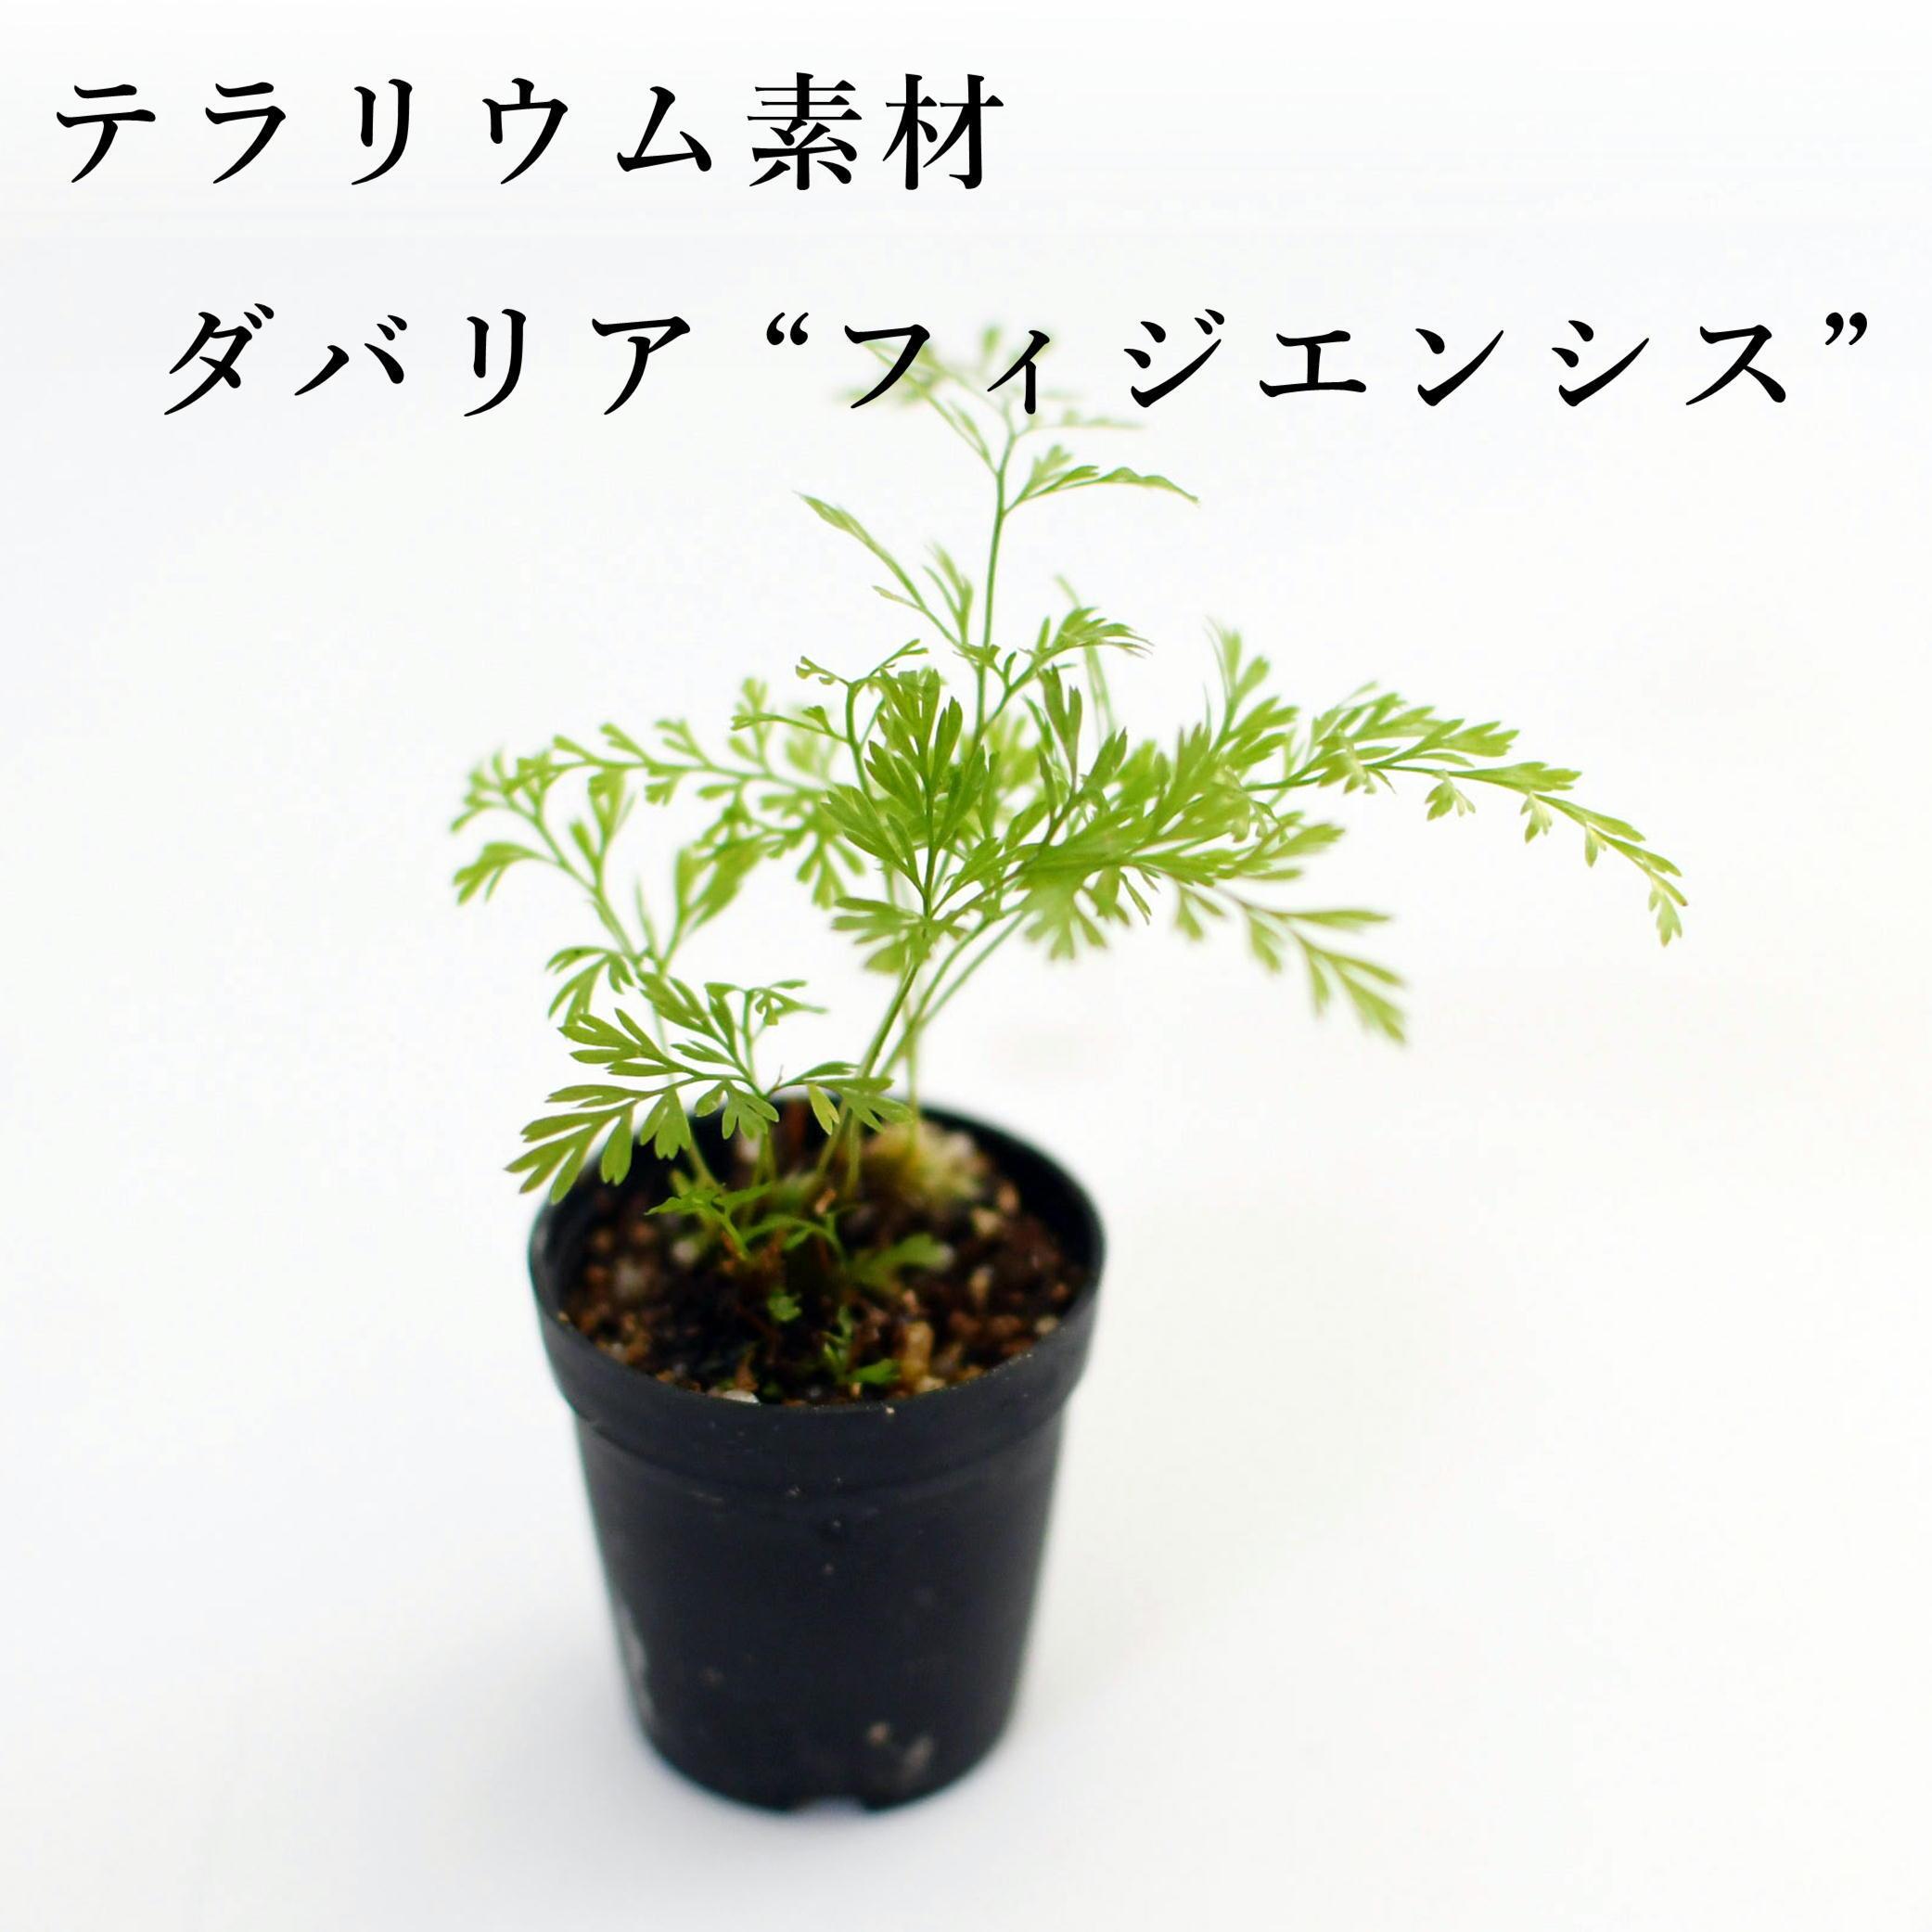 """ダバリア """"フィジエンシス""""(シダ植物) 苔テラリウム作製用素材"""